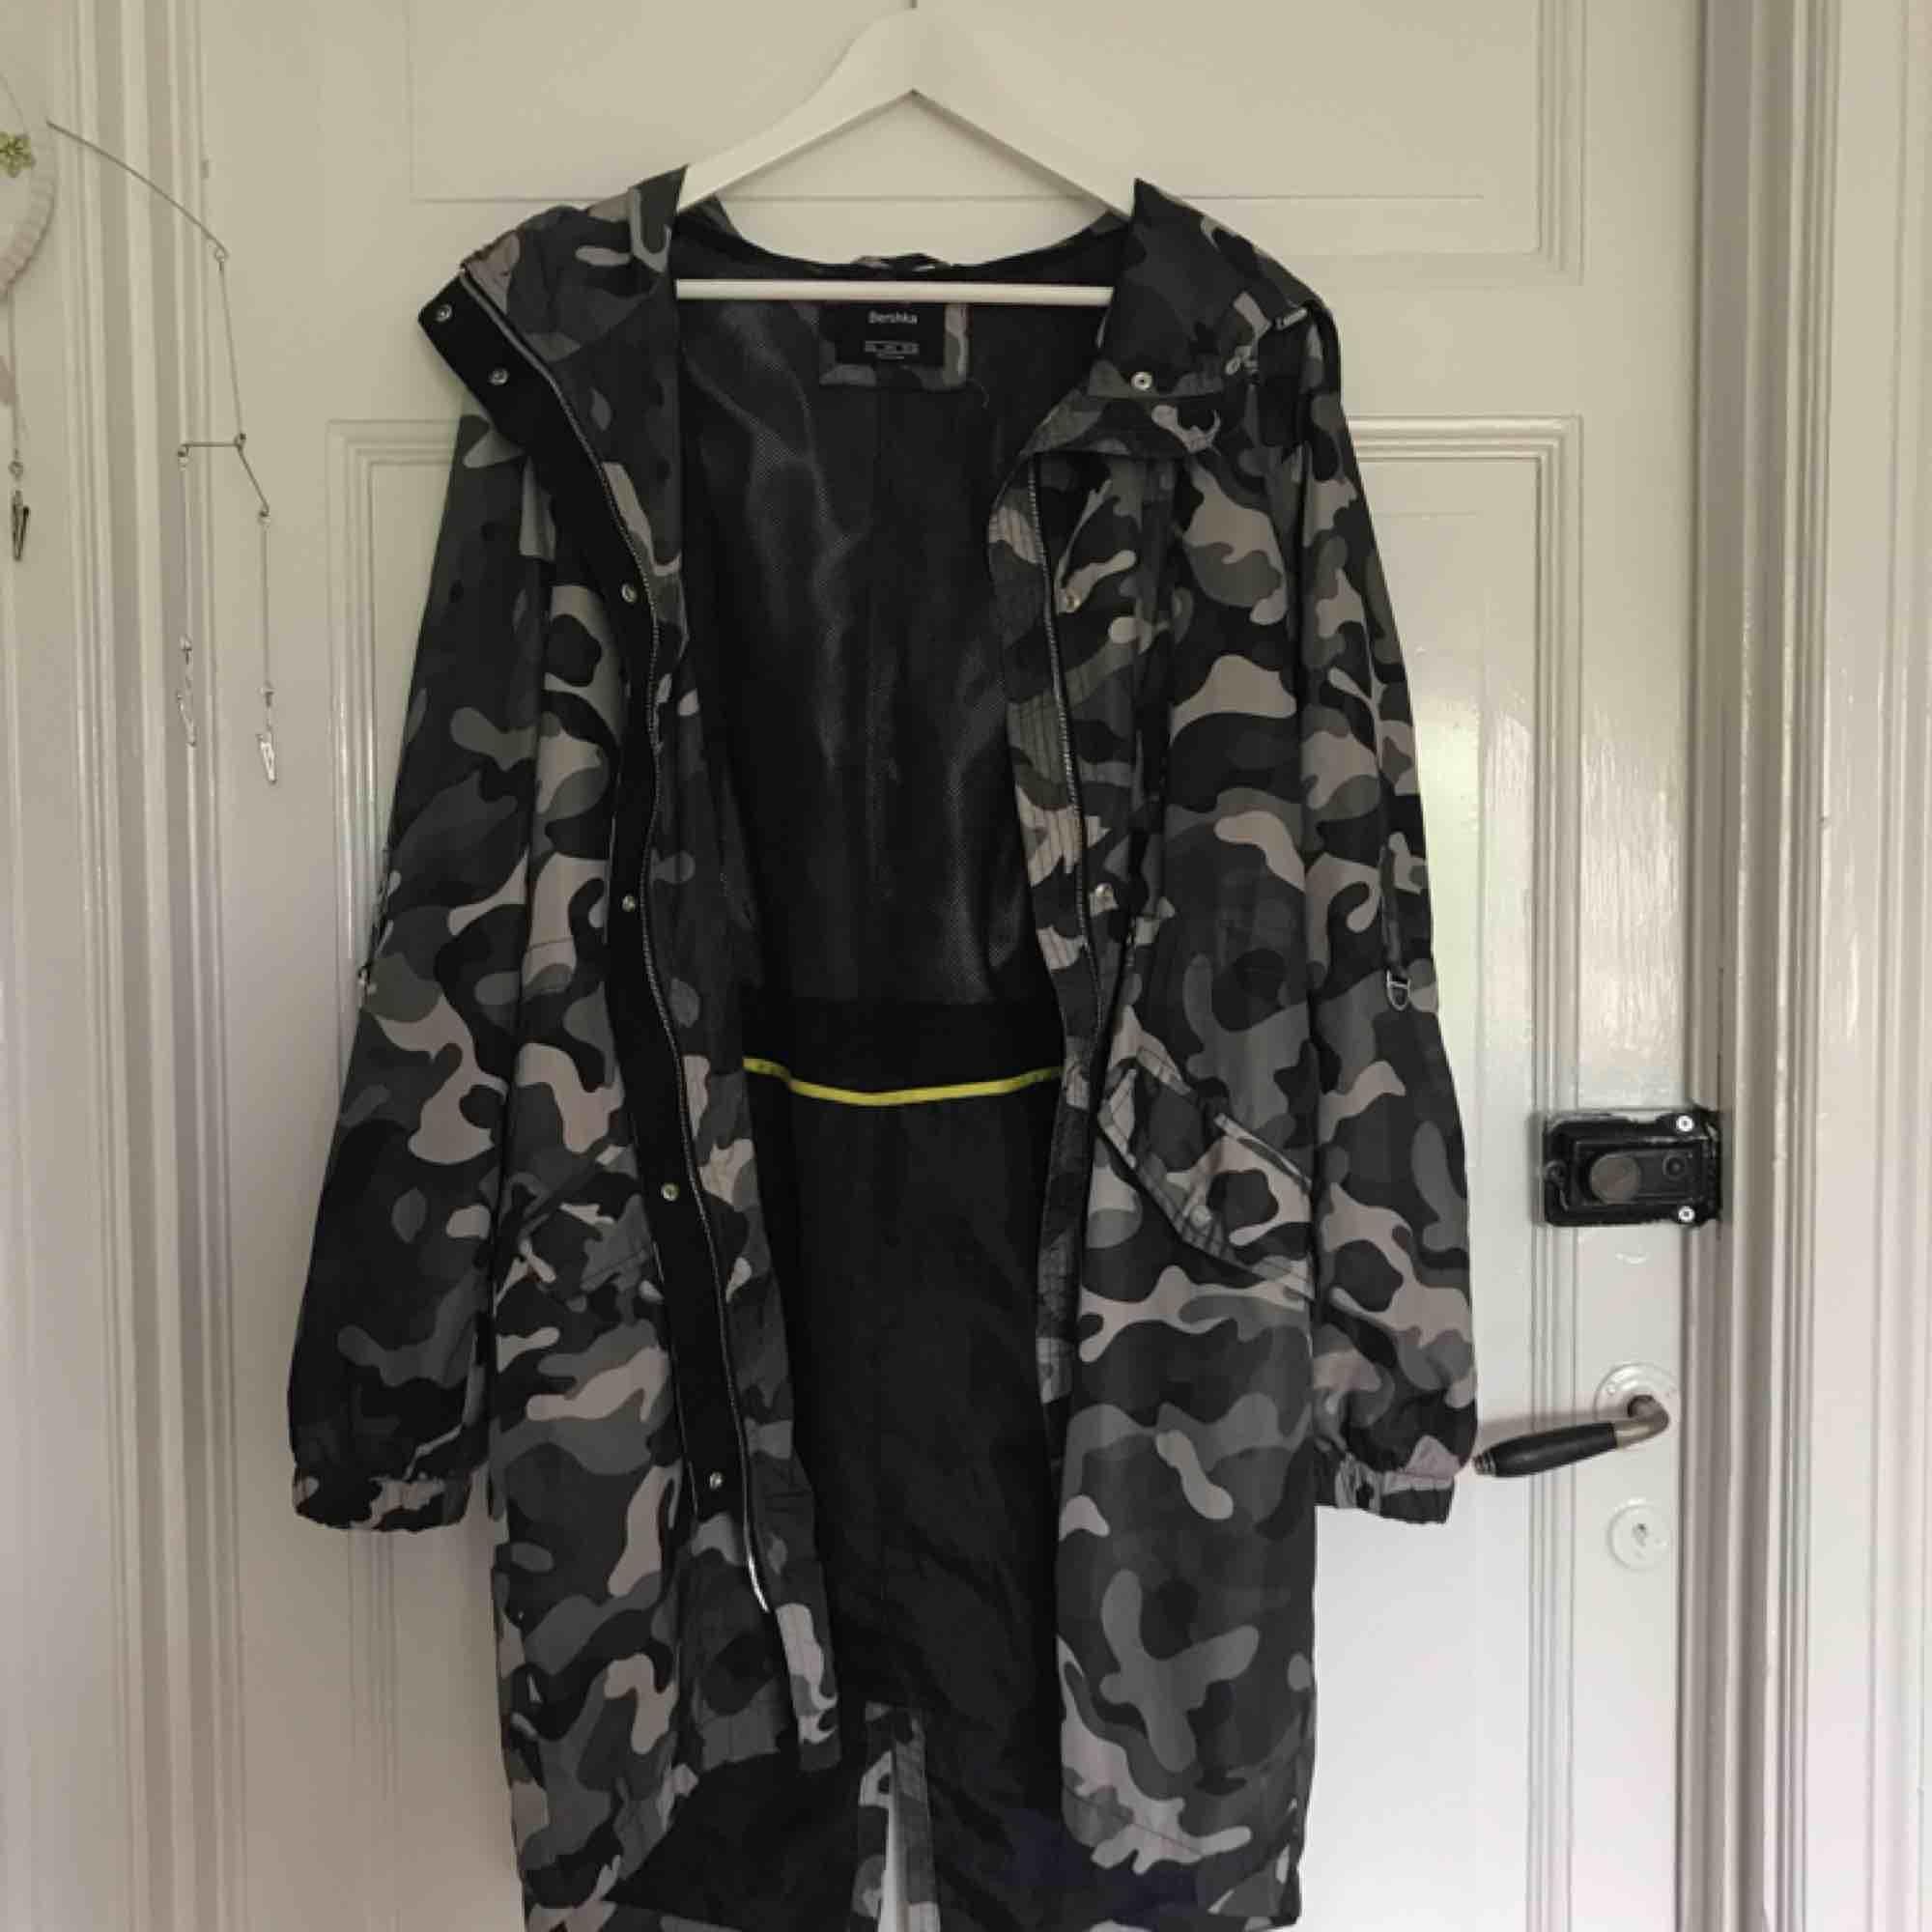 Skitsnygg jacka i camouflage mönster från Bershka! Banden i midjan finns tyvärr inte kvar. Jag är stl xs och 150cm(ni kan se hur den sitter på mig på bilden) frakt tillkommer 😊. Jackor.